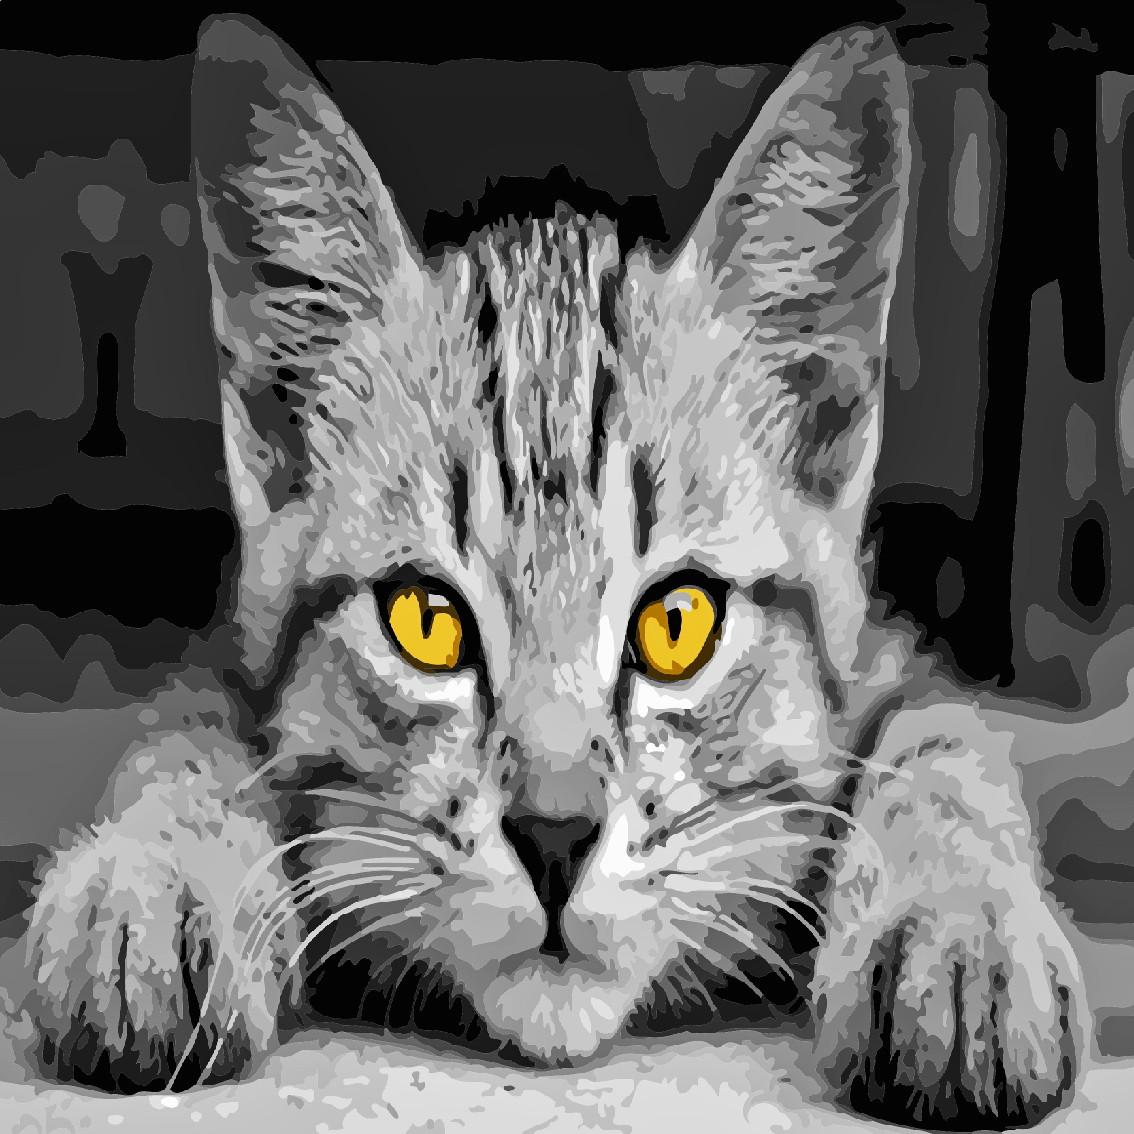 Художественный творческий набор, картина по номерам Серый кот, 40x40 см, «Art Story» (AS0502)